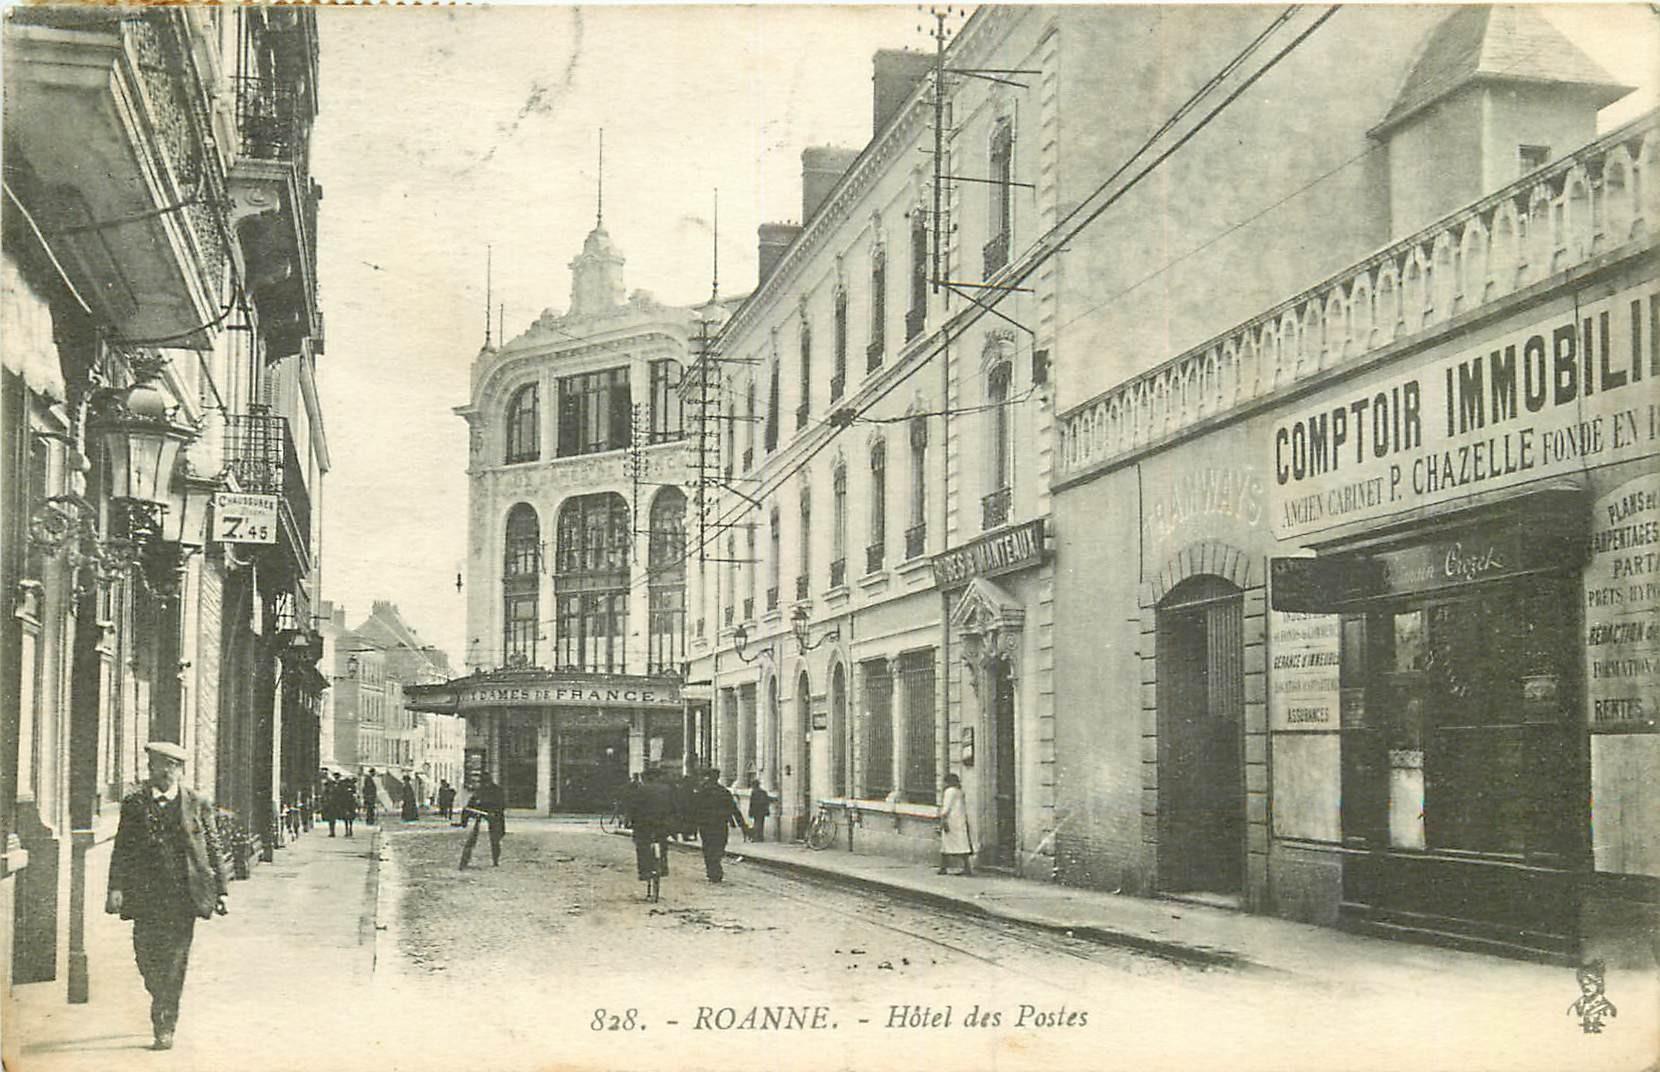 WW 42 ROANNE. Hôtel des Postes et au Comptoir Immobilier 1917